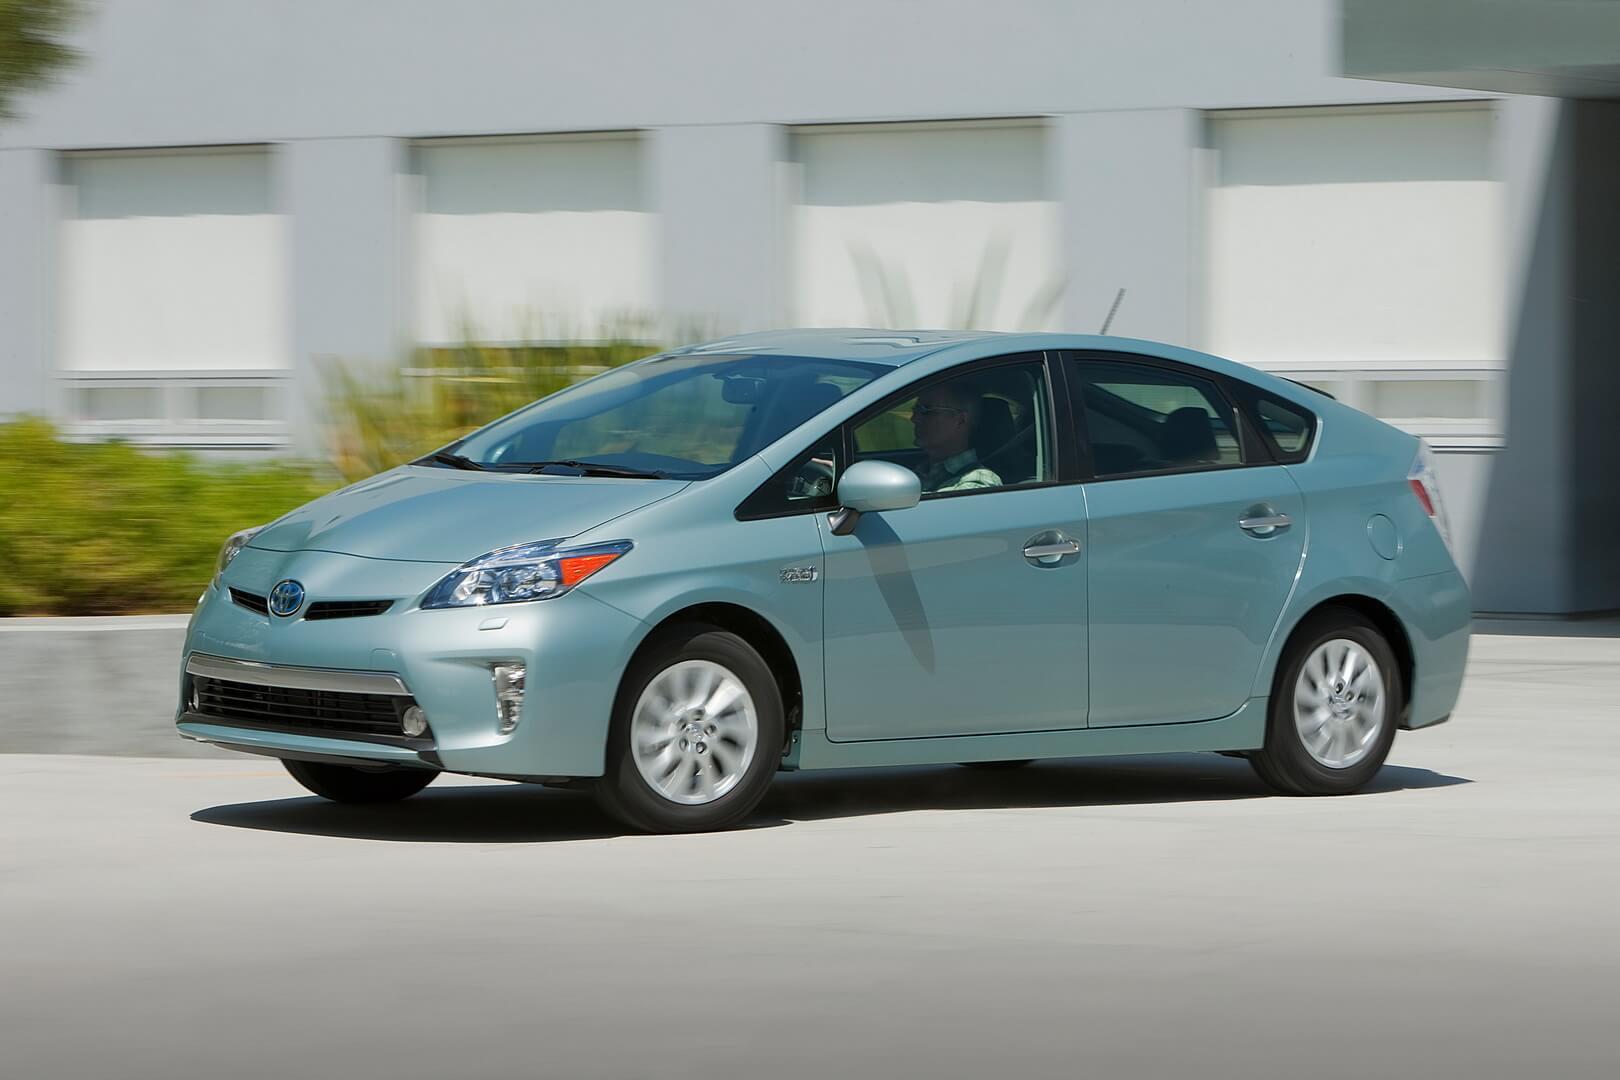 Один из самых продаваемых гибридных автомобилей в мире: Toyota Prius